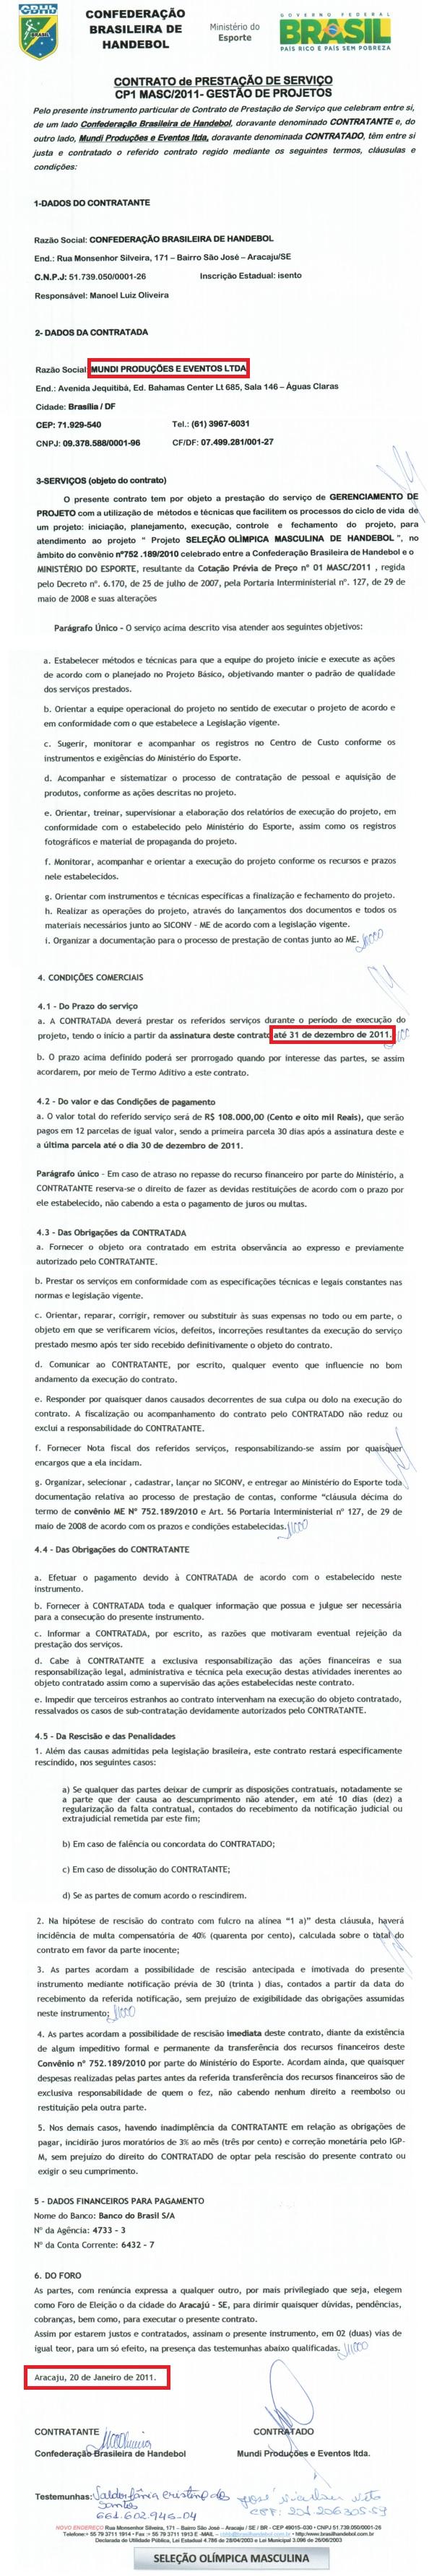 Contrato da CBHb com a Mundi, em 2011, quando o TCU apontou irregularidades na empresa